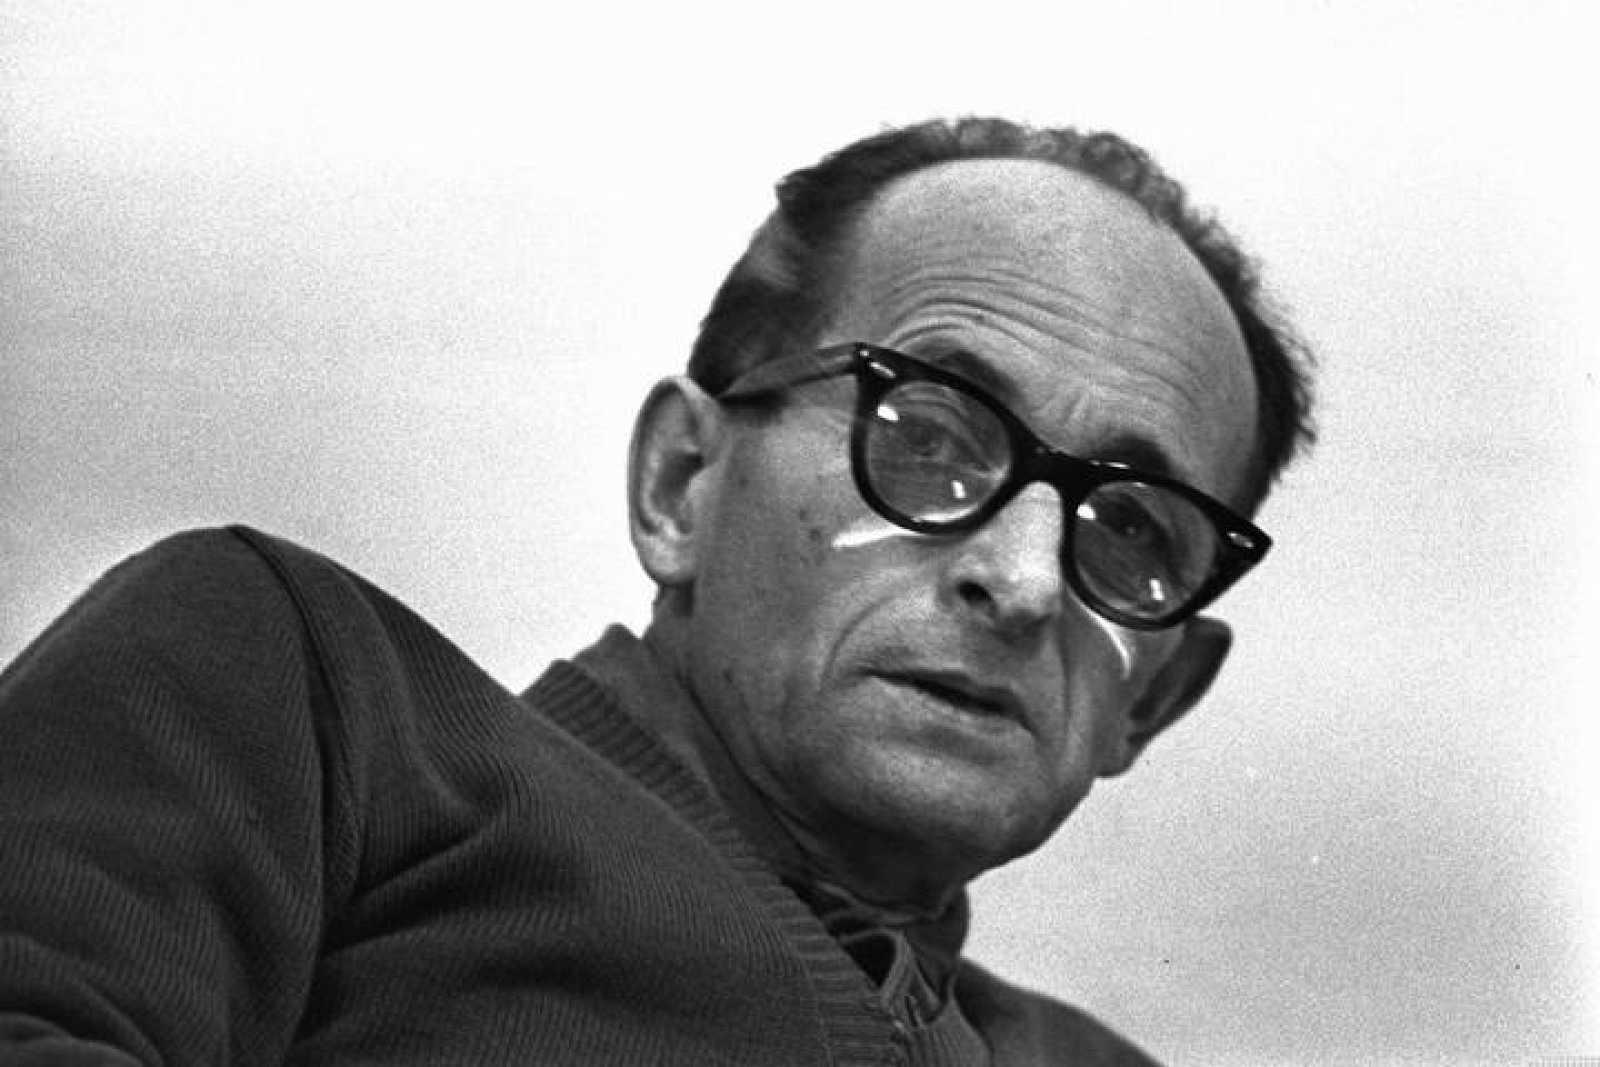 Adolf Eichmann fue uno de los criminales nazis que se ocultó en Argentina